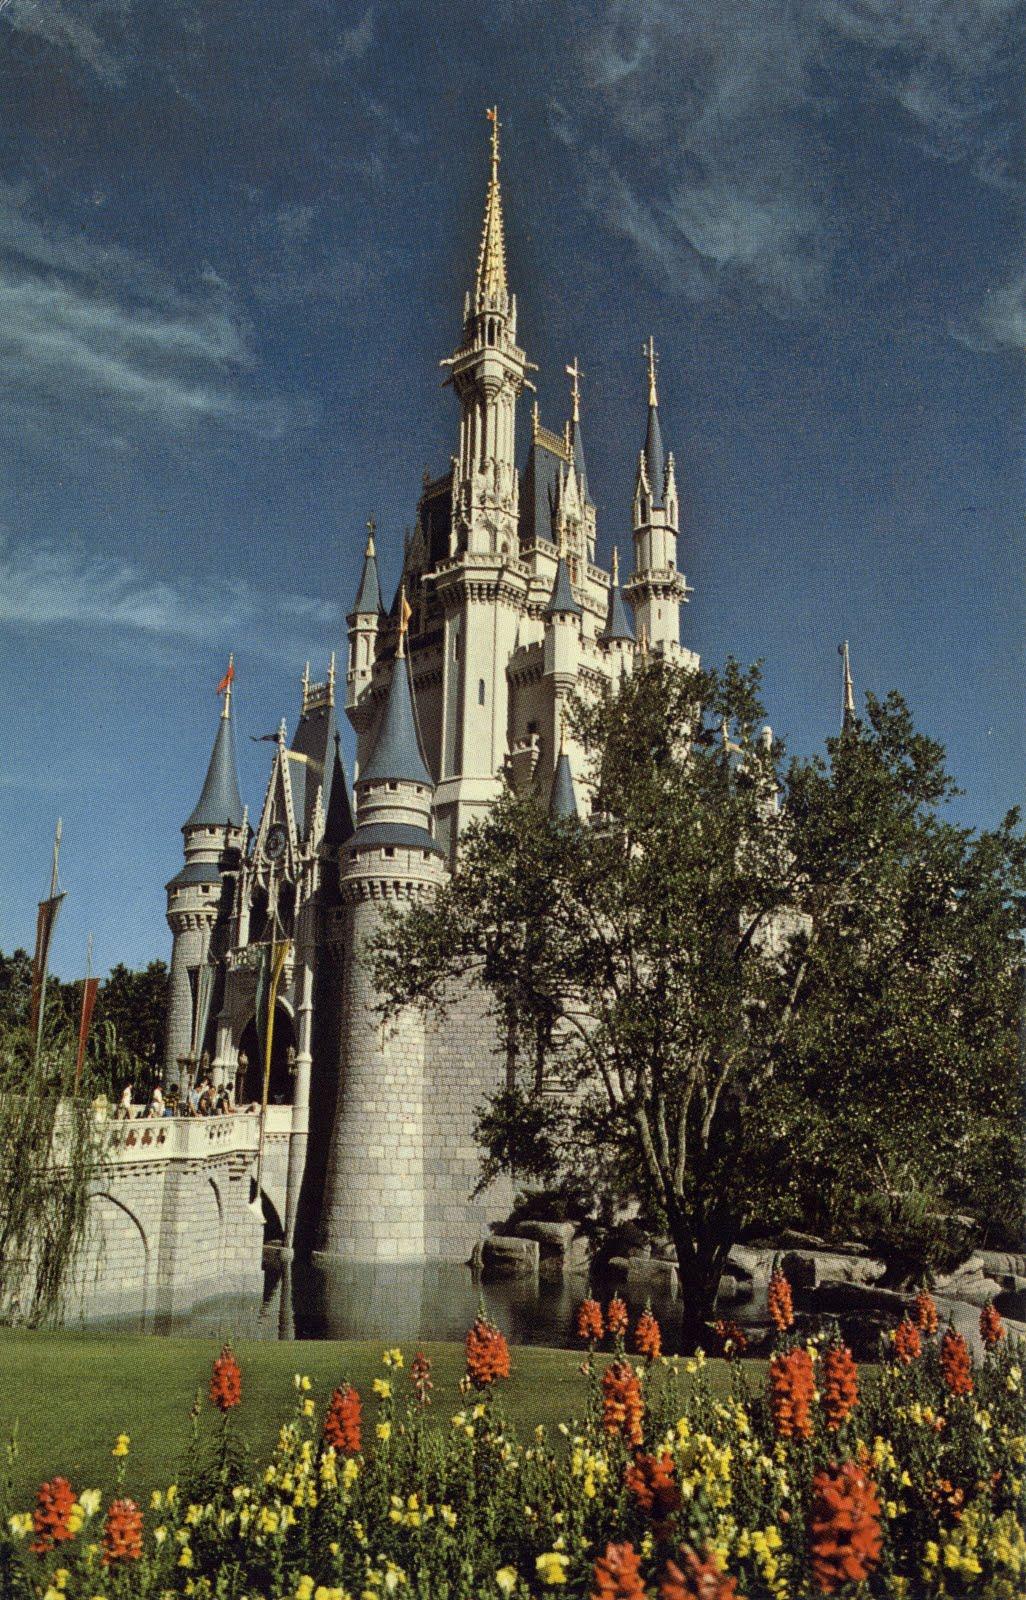 http://2.bp.blogspot.com/_3jV5FcVqpE8/TKKwk-6en2I/AAAAAAAAQR0/9xS_yzuprho/s1600/wdw_castle_pc.jpg